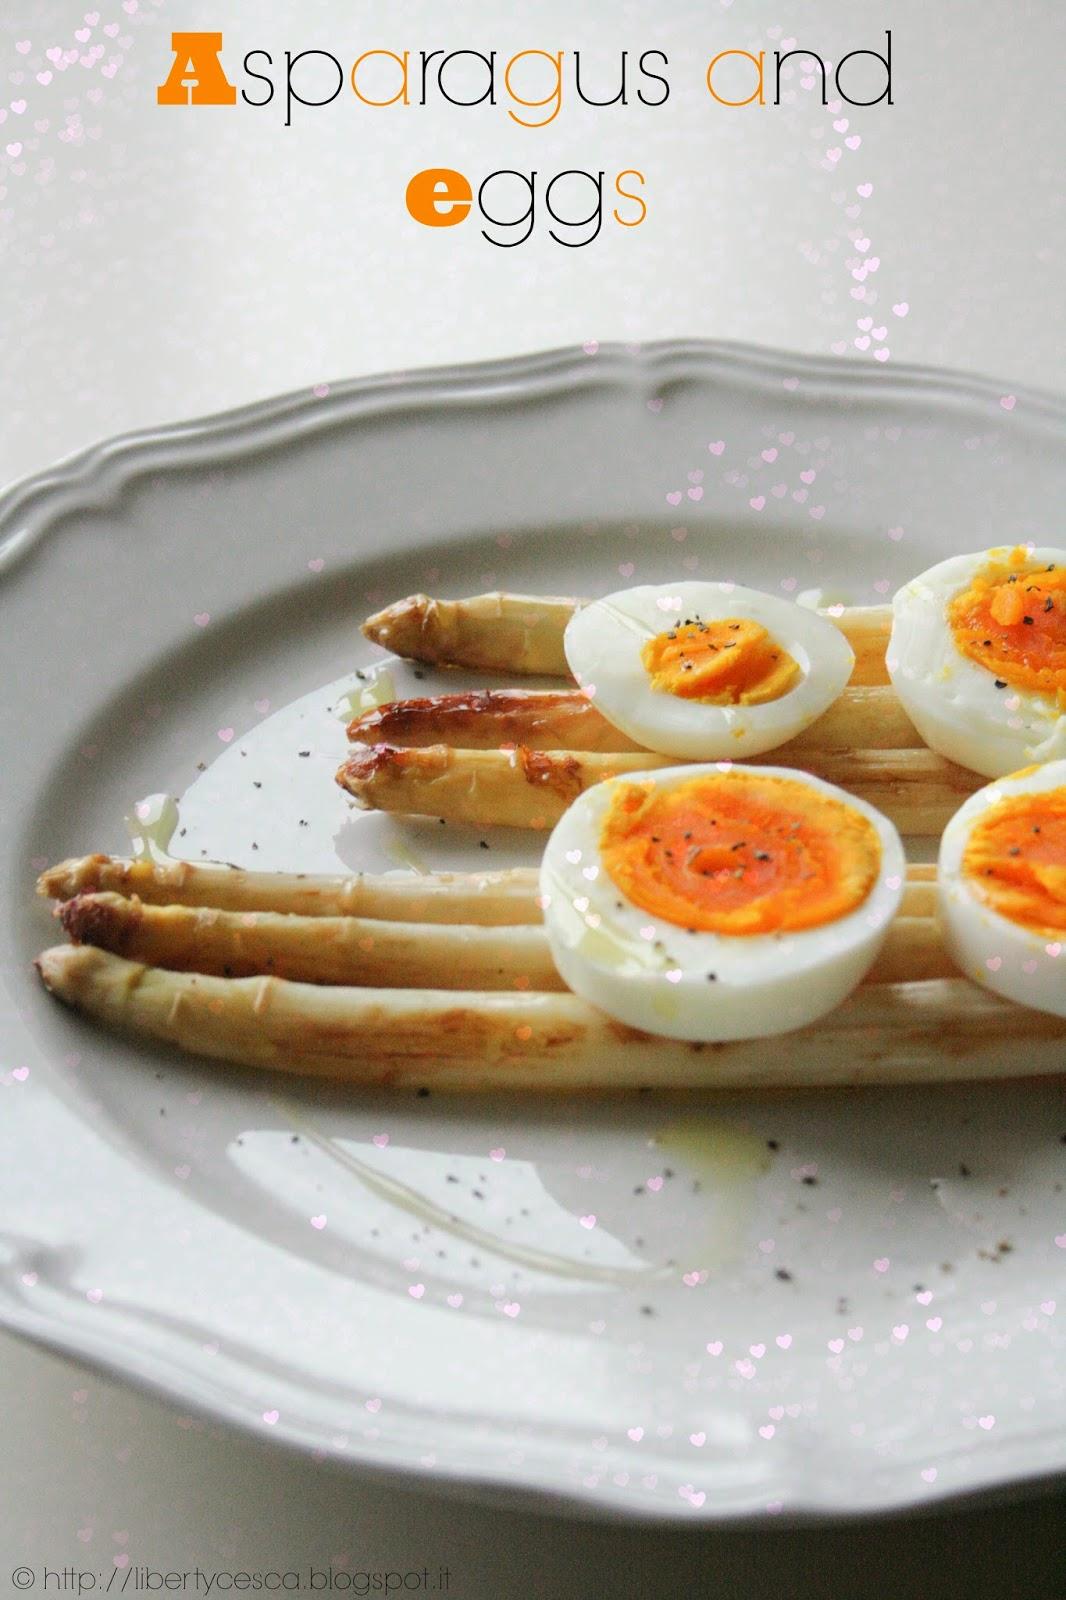 asparagi e uova / asparagus and eggs